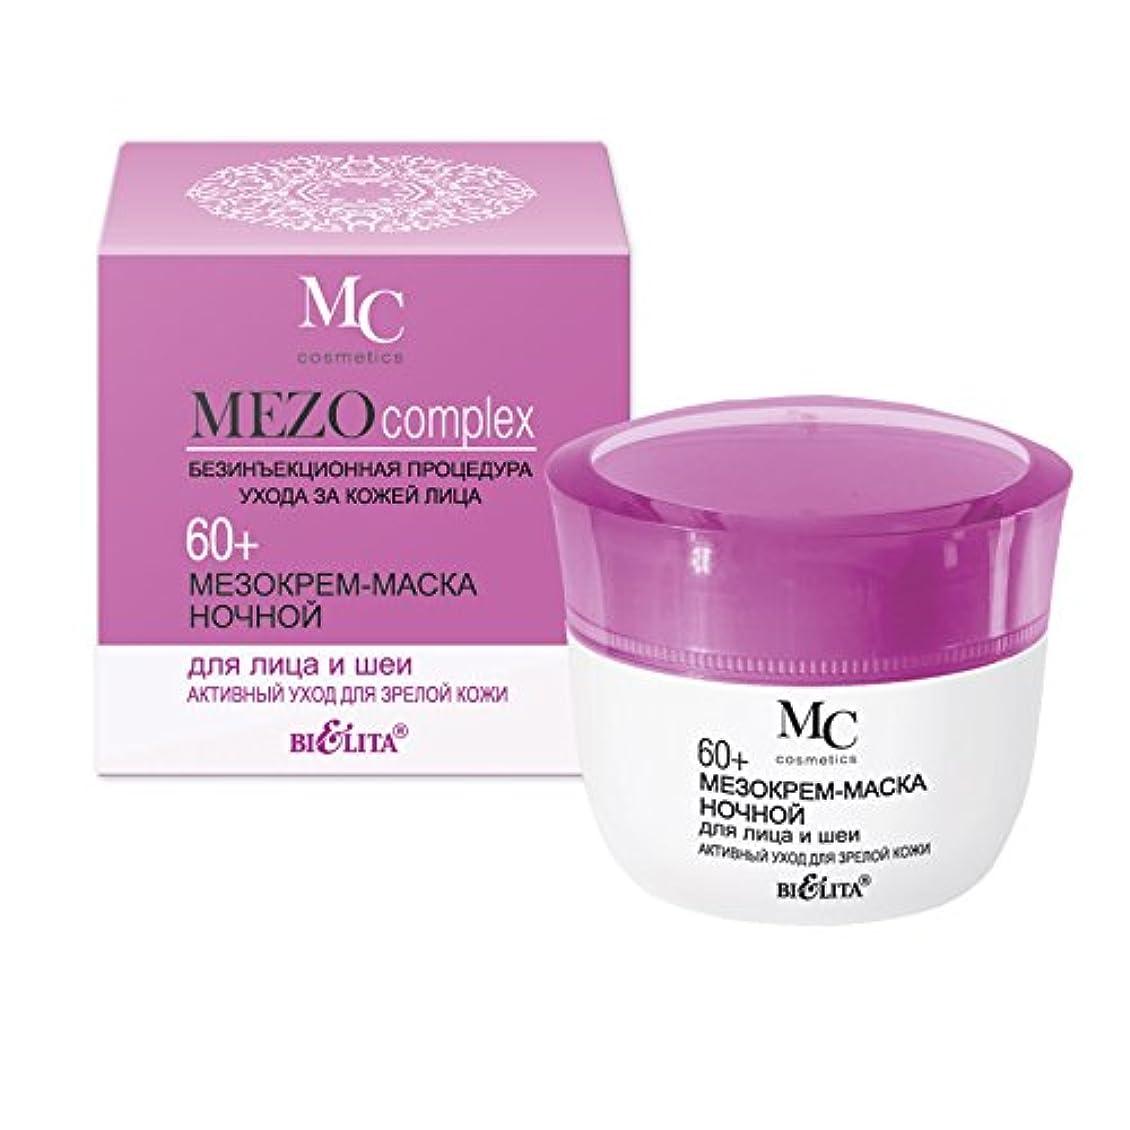 ゴールデンクリープ代表してNight cream mask (MEZO) for face and neck 60+ care for mature skin | Hyaluronic acid, Vitamin E, Peach seed oil...